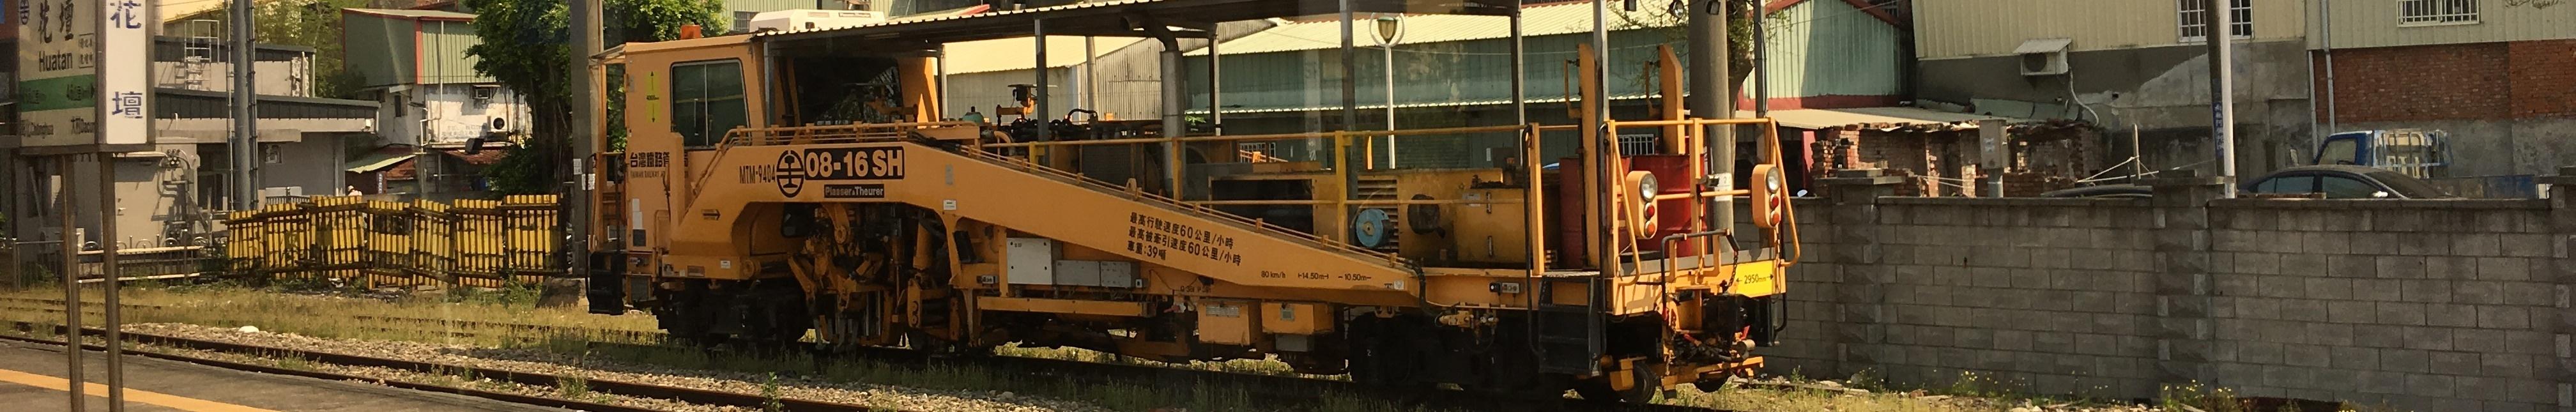 胖虎602天下无敌 banner